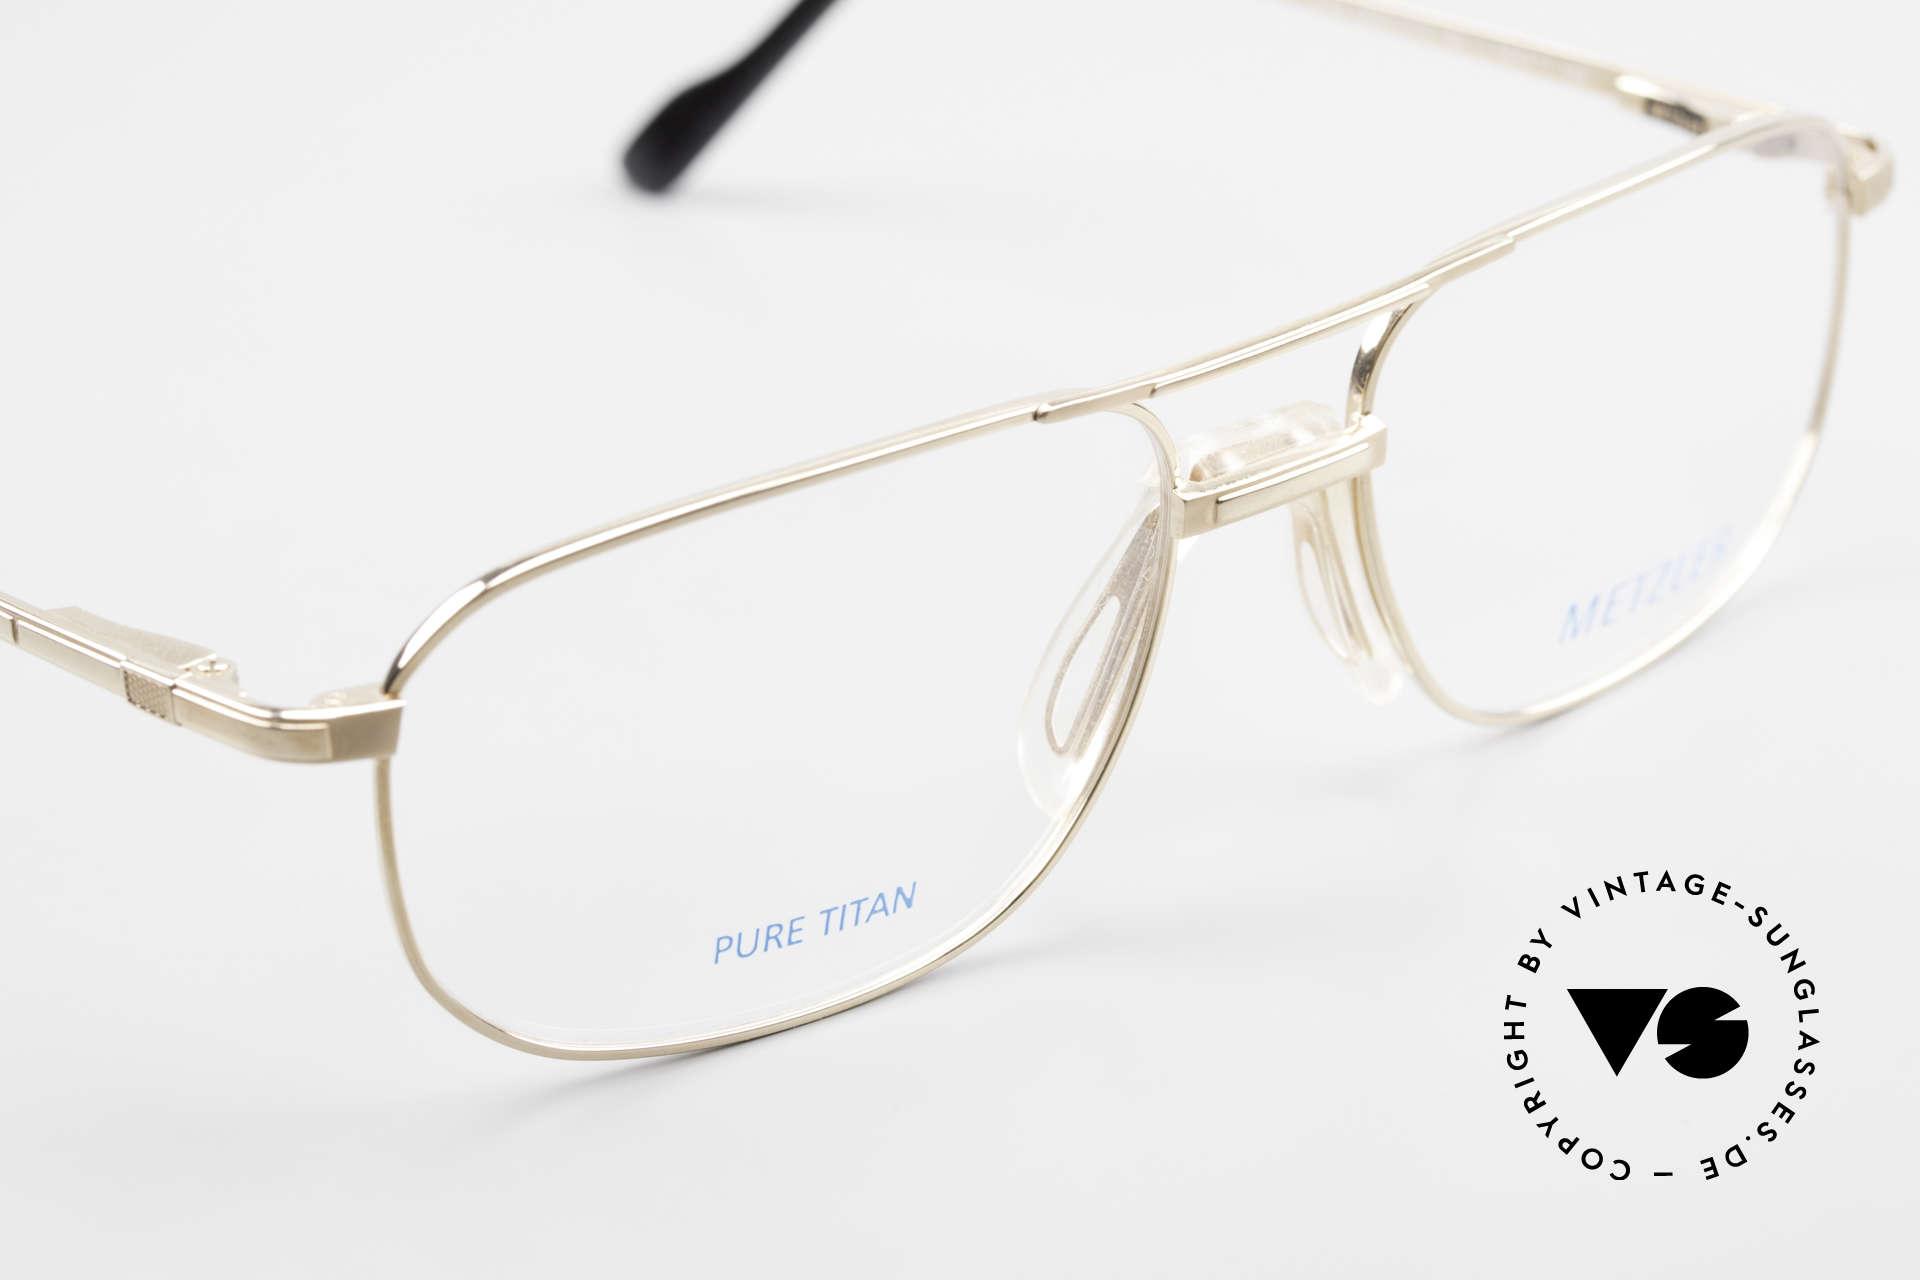 Metzler 1714 Klassische Herrenbrille Titan, KEINE RETRObrille, sondern ein altes ORIGINAL, Passend für Herren